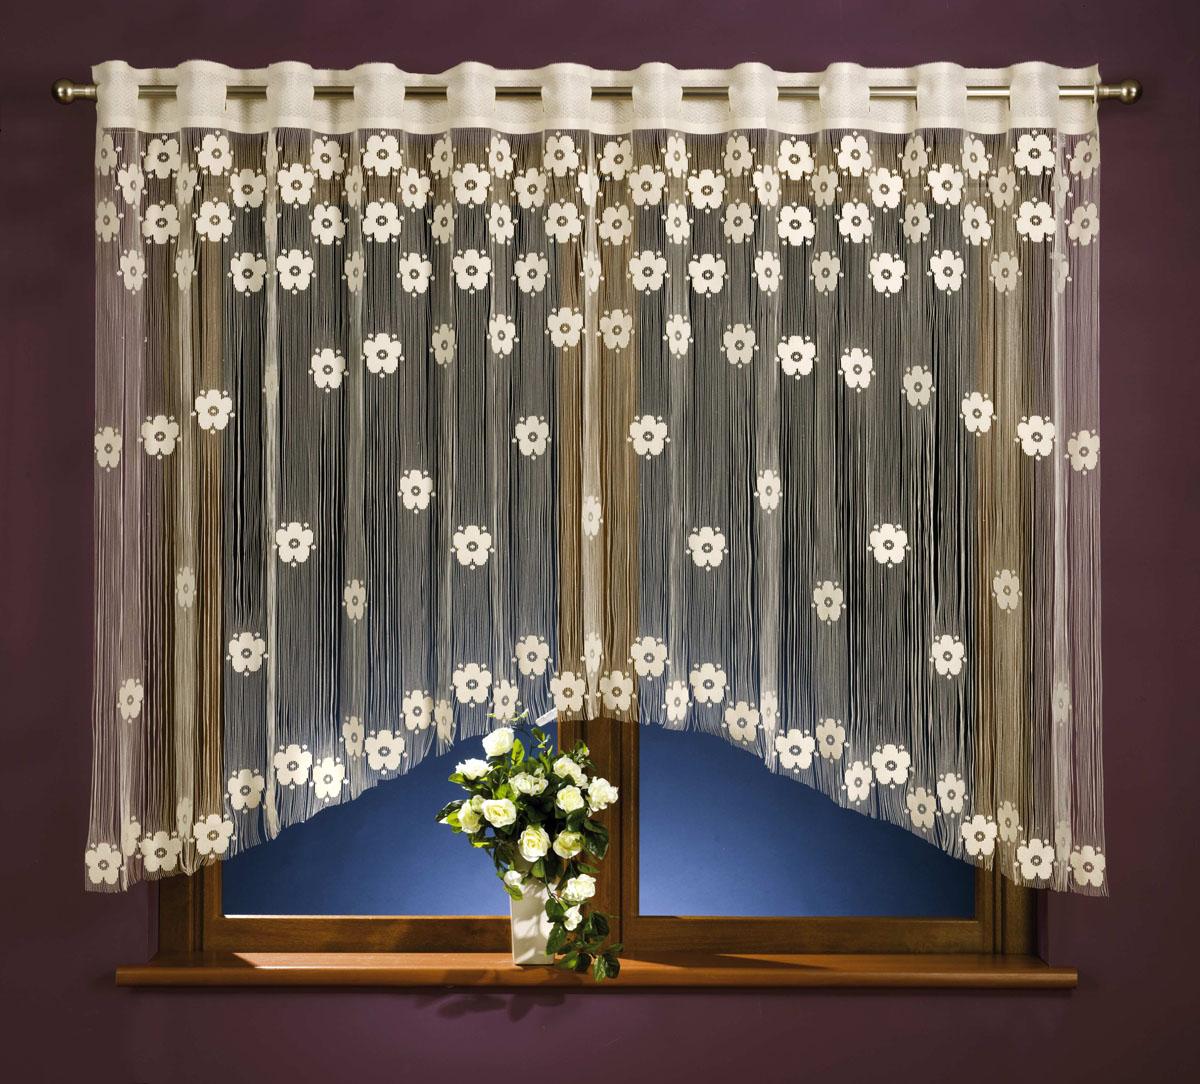 Гардина-лапша Maja, на петлях, цвет: белый, высота 160 смS03301004Легкая гардина-лапша Maja, изготовленная из полиэстера белого цвета, станет великолепным украшением любого окна. Тонкое плетение, оригинальный дизайн привлекут к себе внимание и органично впишутся в интерьер комнаты. Гардина-лапша оснащена петлями для крепления на круглый карниз. Характеристики:Материал: 100% полиэстер. Цвет: белый. Высота петли: 5,5 см. Размер упаковки:27 см х 36 см х 4 см. Артикул: 676040.В комплект входит: Гардина-лапша - 1 шт. Размер (ШхВ): 270 см х 160 см. Фирма Wisan на польском рынке существует уже более пятидесяти лет и является одной из лучших польских фабрик по производству штор и тканей. Ассортимент фирмы представлен готовыми комплектами штор для гостиной, детской, кухни, а также текстилем для кухни (скатерти, салфетки, дорожки, кухонные занавески). Модельный ряд отличает оригинальный дизайн, высокое качество.Ассортимент продукции постоянно пополняется.УВАЖАЕМЫЕ КЛИЕНТЫ!Обращаем ваше внимание на цвет изделия. Цветовой вариант гардины, данной в интерьере, служит для визуального восприятия товара. Цветовая гамма данной гардины представлена на отдельном изображении фрагментом ткани.